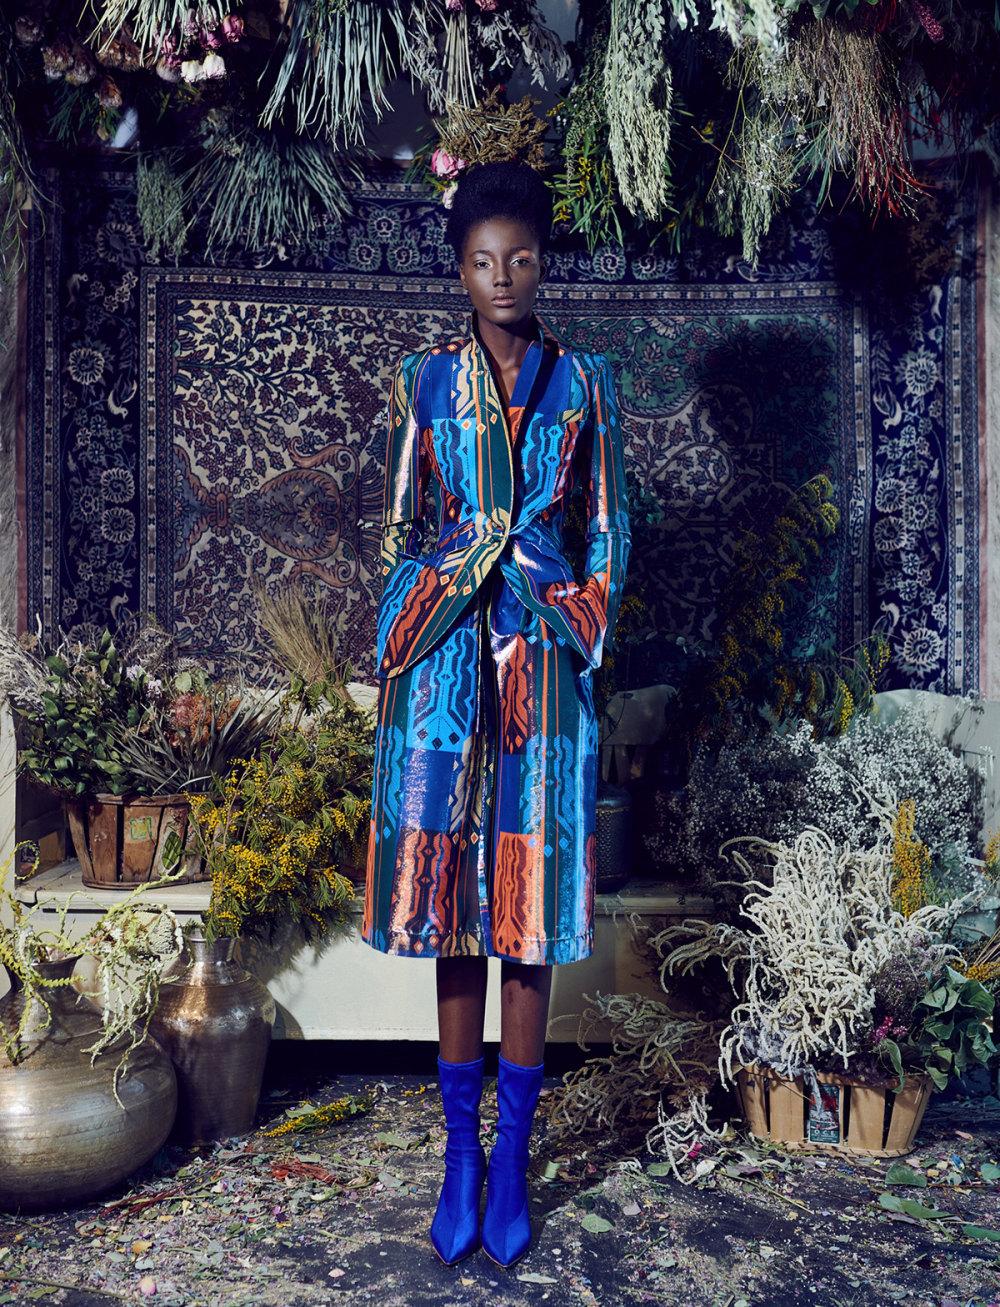 Rianna+Nina时装系列定制的夹克和金属光泽的七分裤定义未来主义-9.jpg